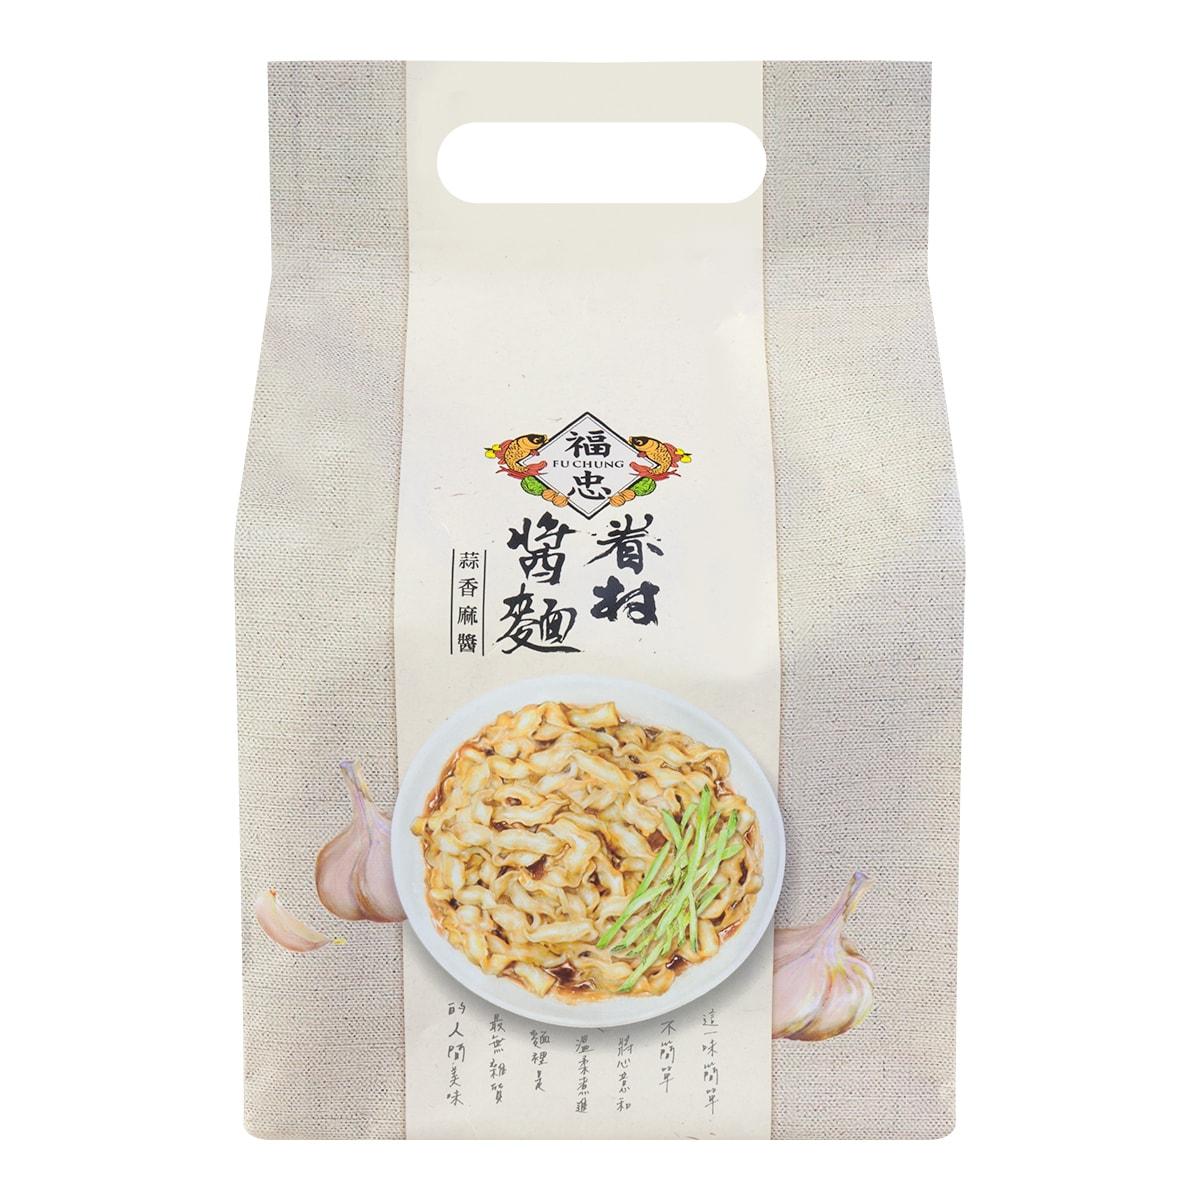 福忠FU CHUNG 眷村酱面 蒜香麻酱味 4份入460g